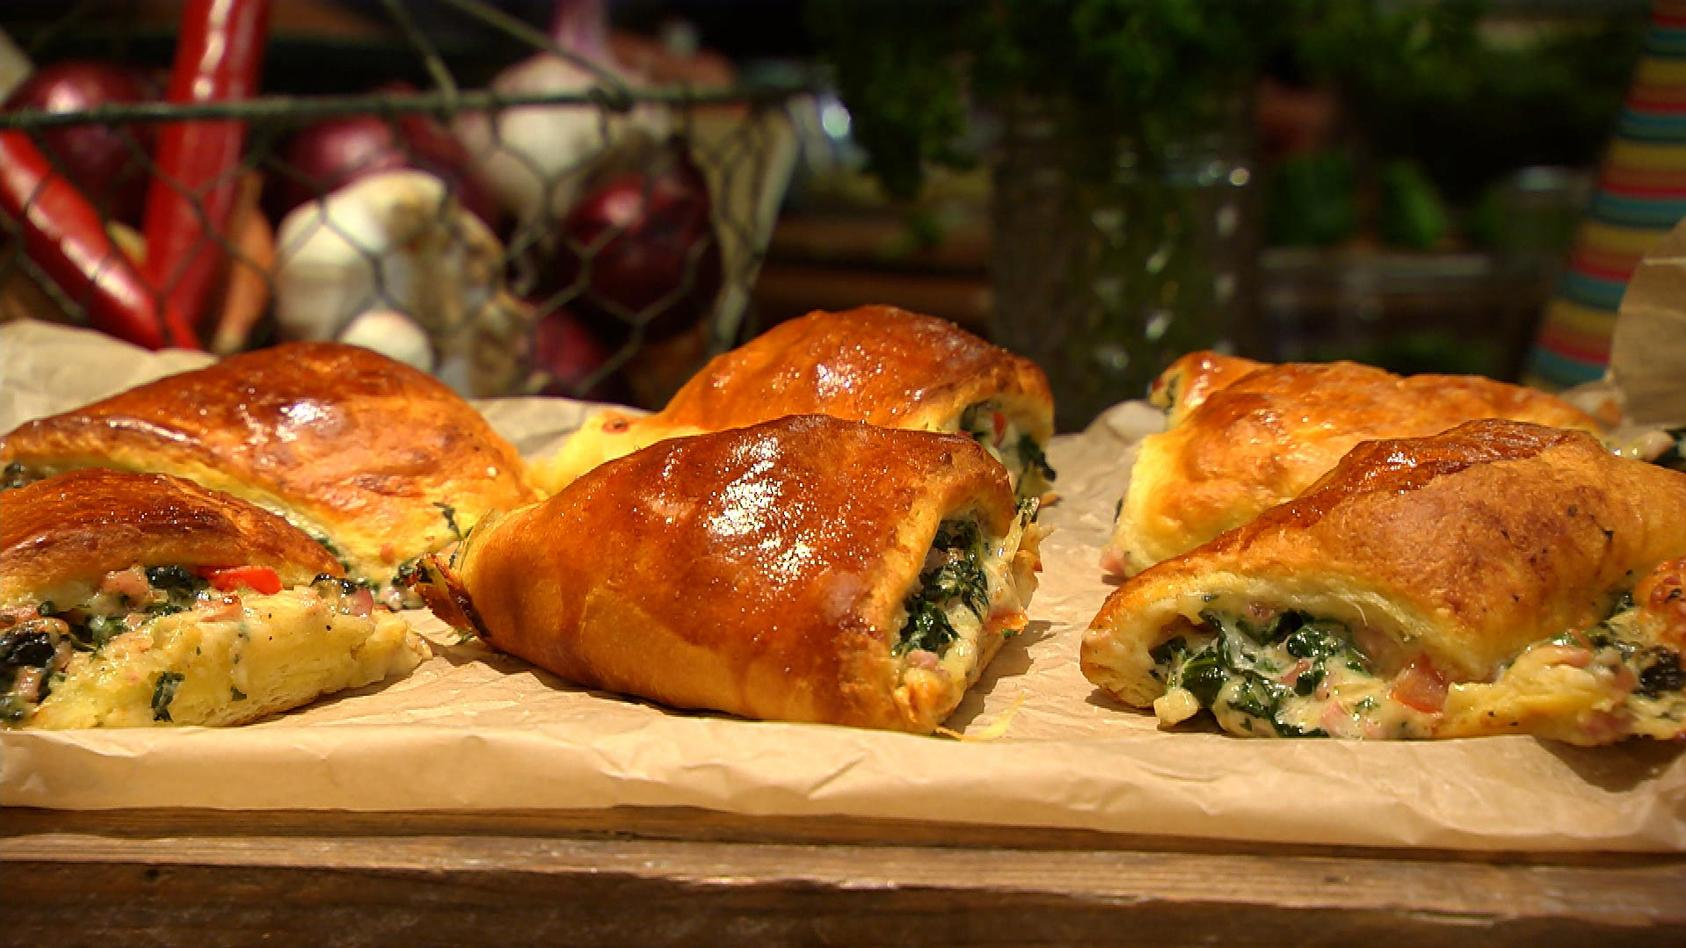 Feiern mit Gästen! So lässt sich die eigene Party genießen: Deftiger Croissant-Kranz